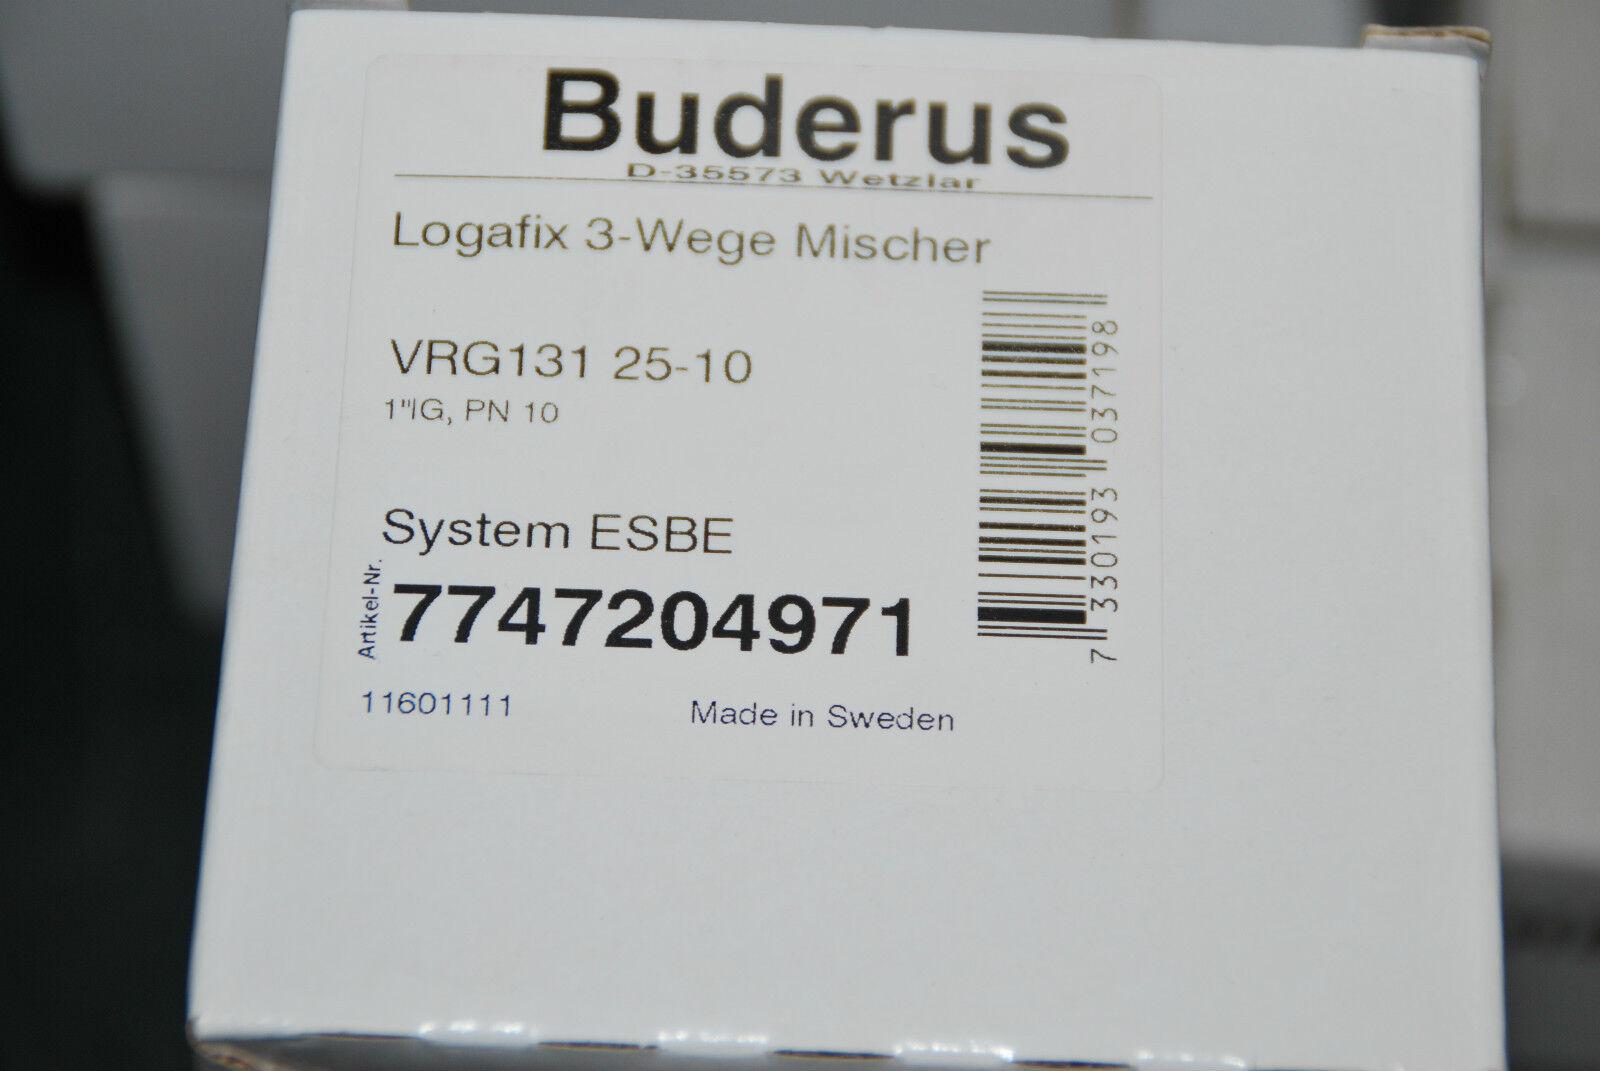 BOSCH BUDERUS 7747204971 LOGAFIX 3-WEGE MISCHER 1